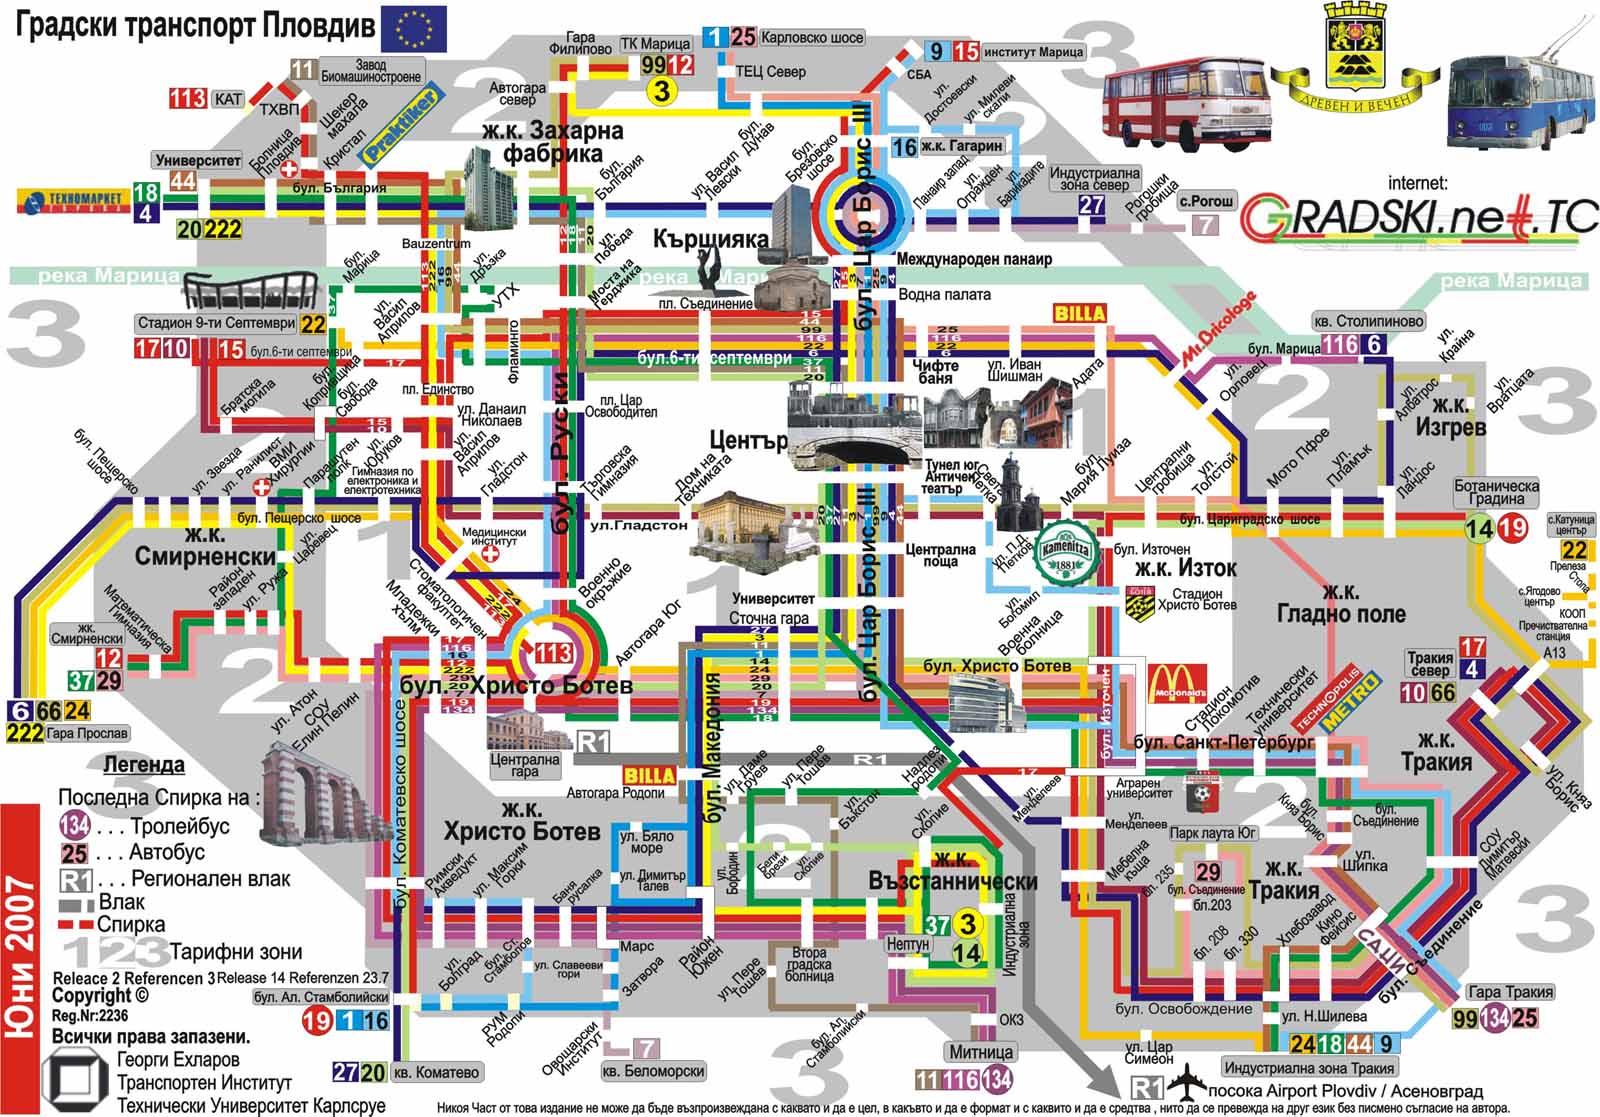 Karta Gradski Transport Sofiya Varna I Plovdiv Polezno Polezni